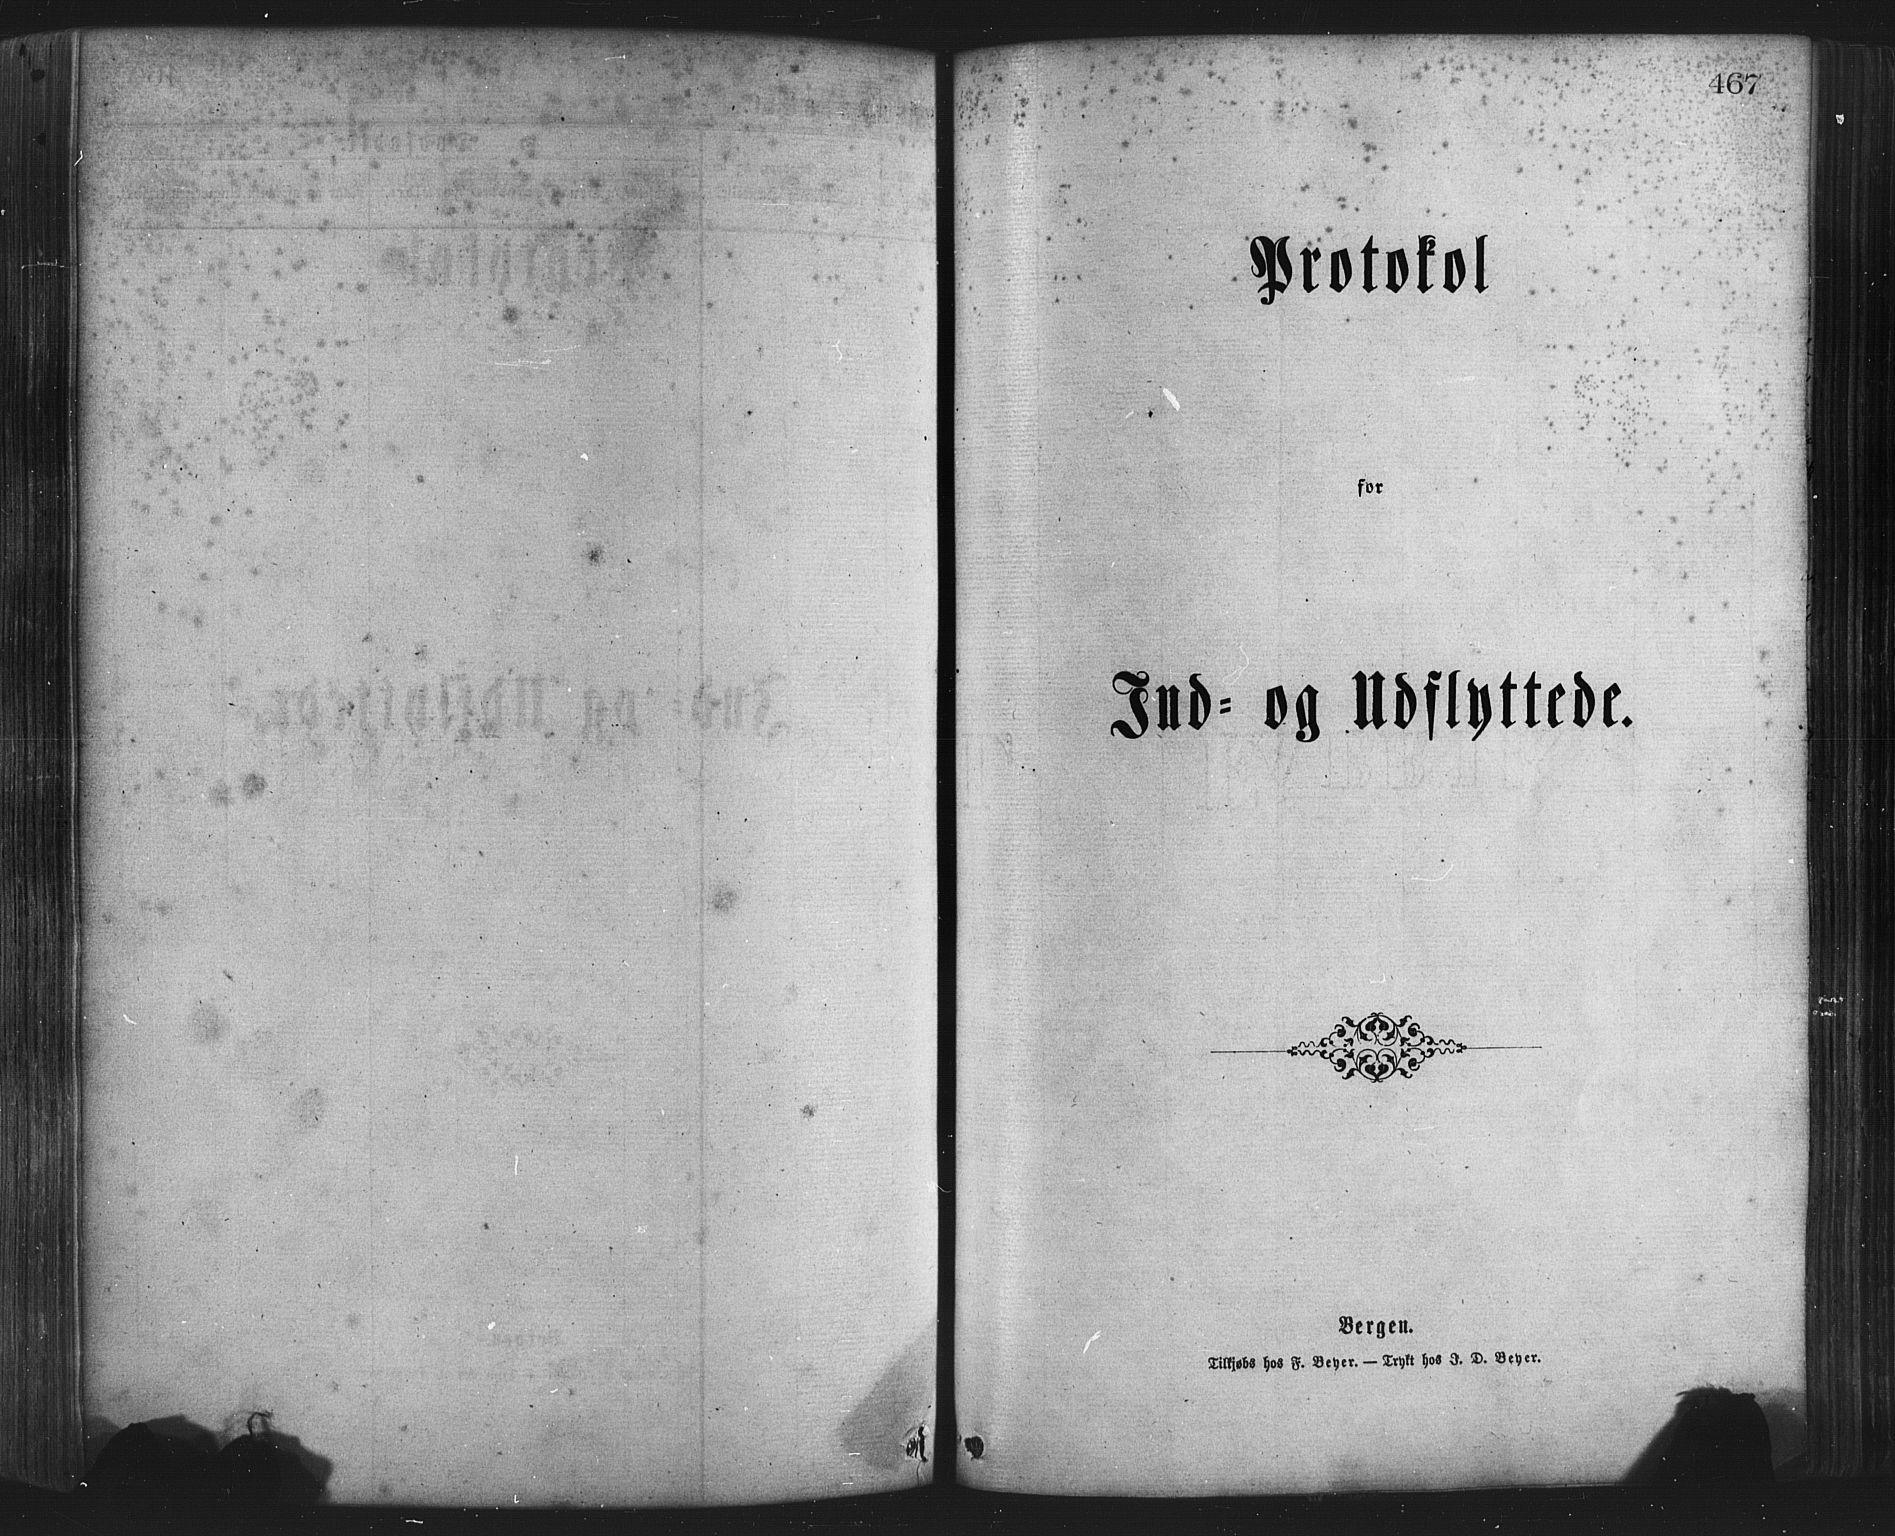 SAB, Hamre sokneprestembete, H/Ha/Haa/Haaa/L0015: Ministerialbok nr. A 15, 1870-1881, s. 467